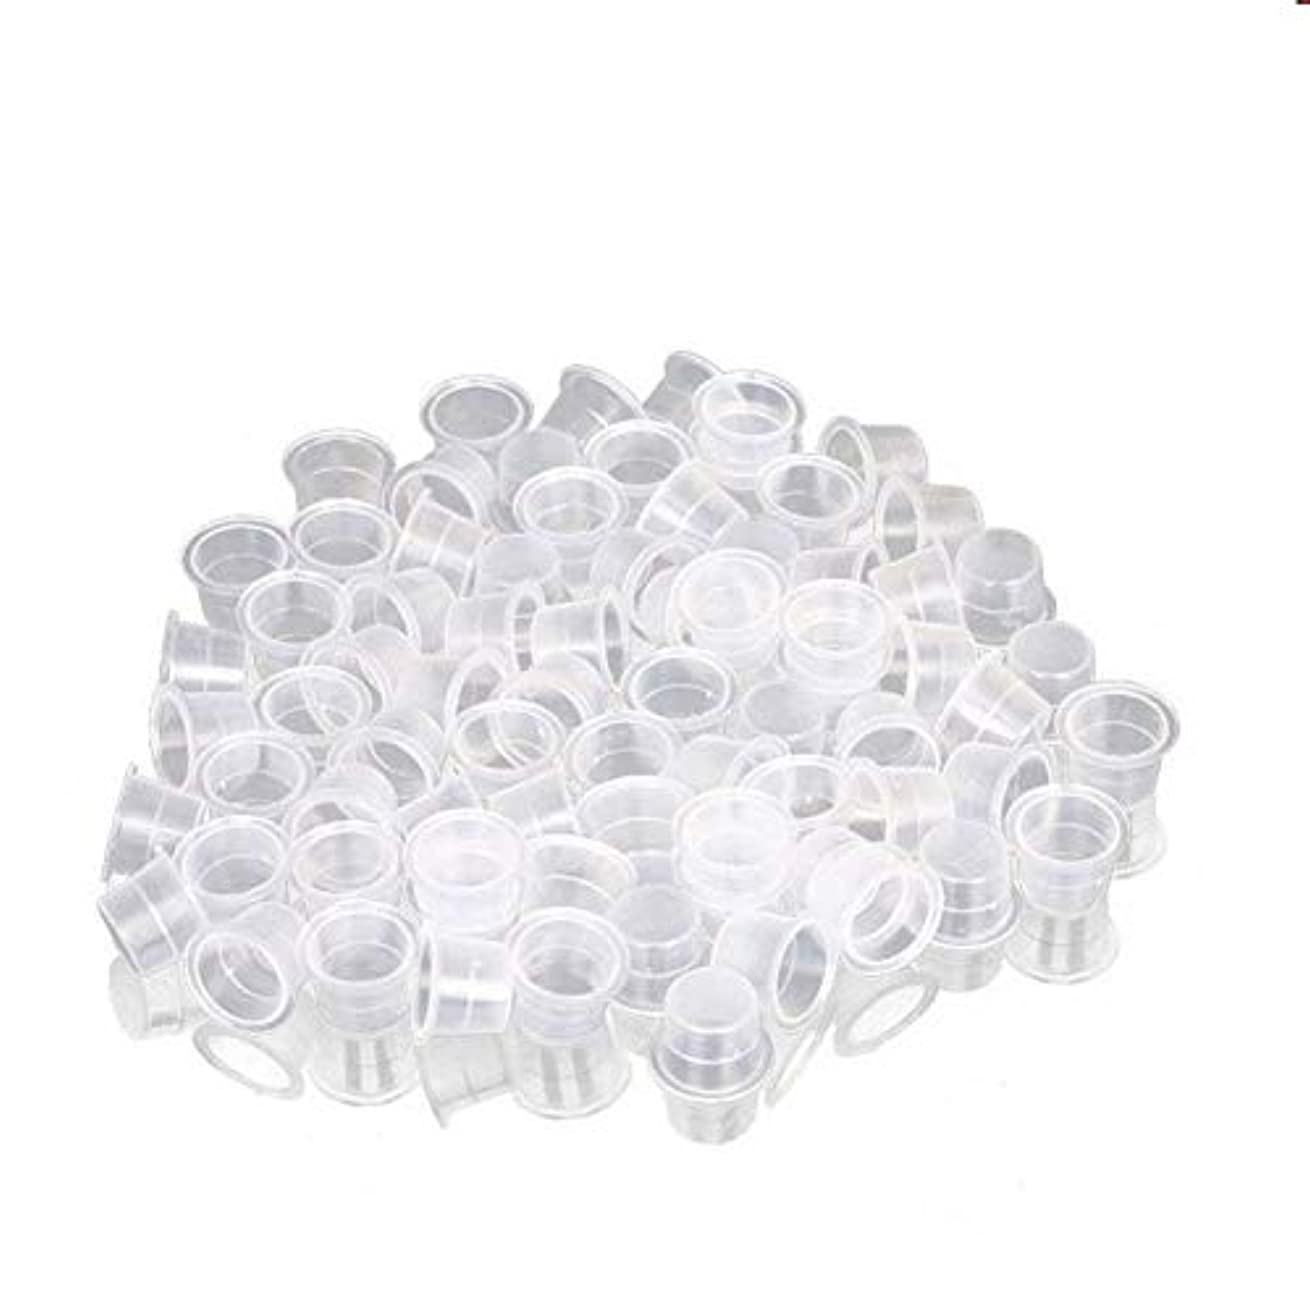 余分な手段ペパーミントインクカップ、顔料カップ、顔料ボックス ディスポーザブル、シリコーン製颜料ツール、キッ100個のための小さな染料皿